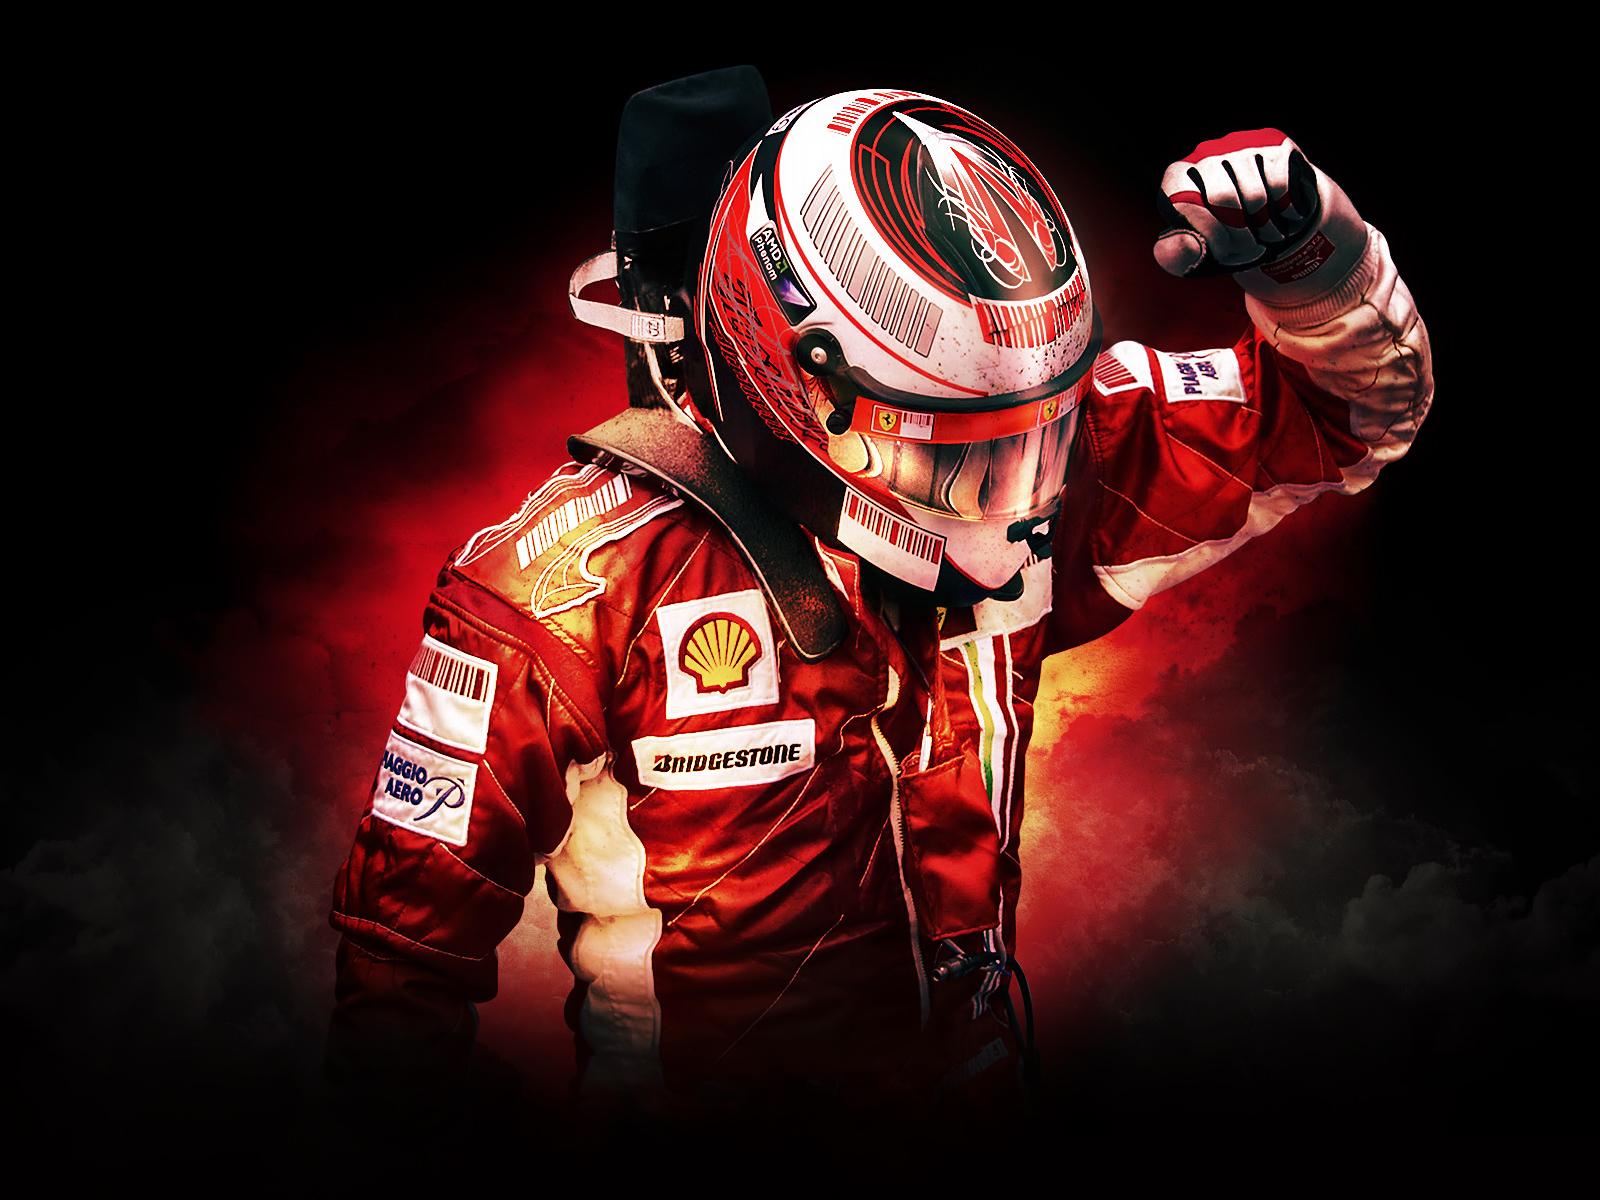 http://3.bp.blogspot.com/-pWQi8naHRZs/TmtLQRF3xII/AAAAAAAADIQ/kNVHSTxMDWY/s1600/f1_racer-.jpg